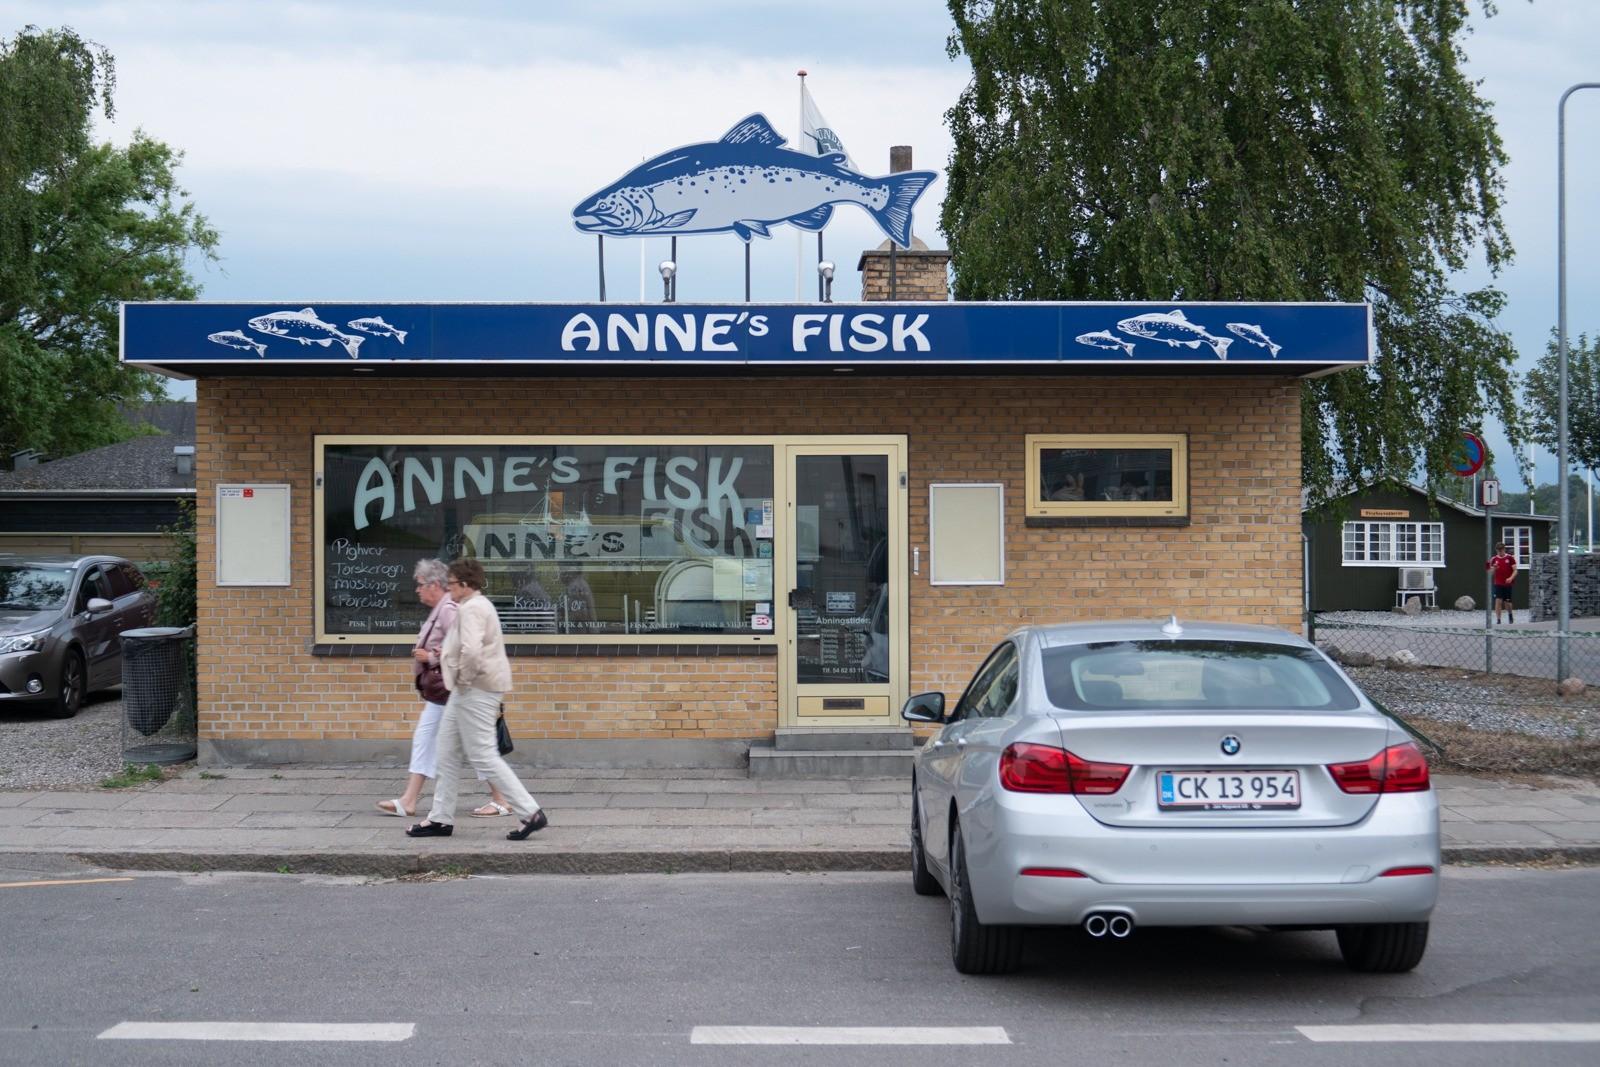 Annes Fisk, Nykøbing Falster - taget med Lomography Neptune objektiv